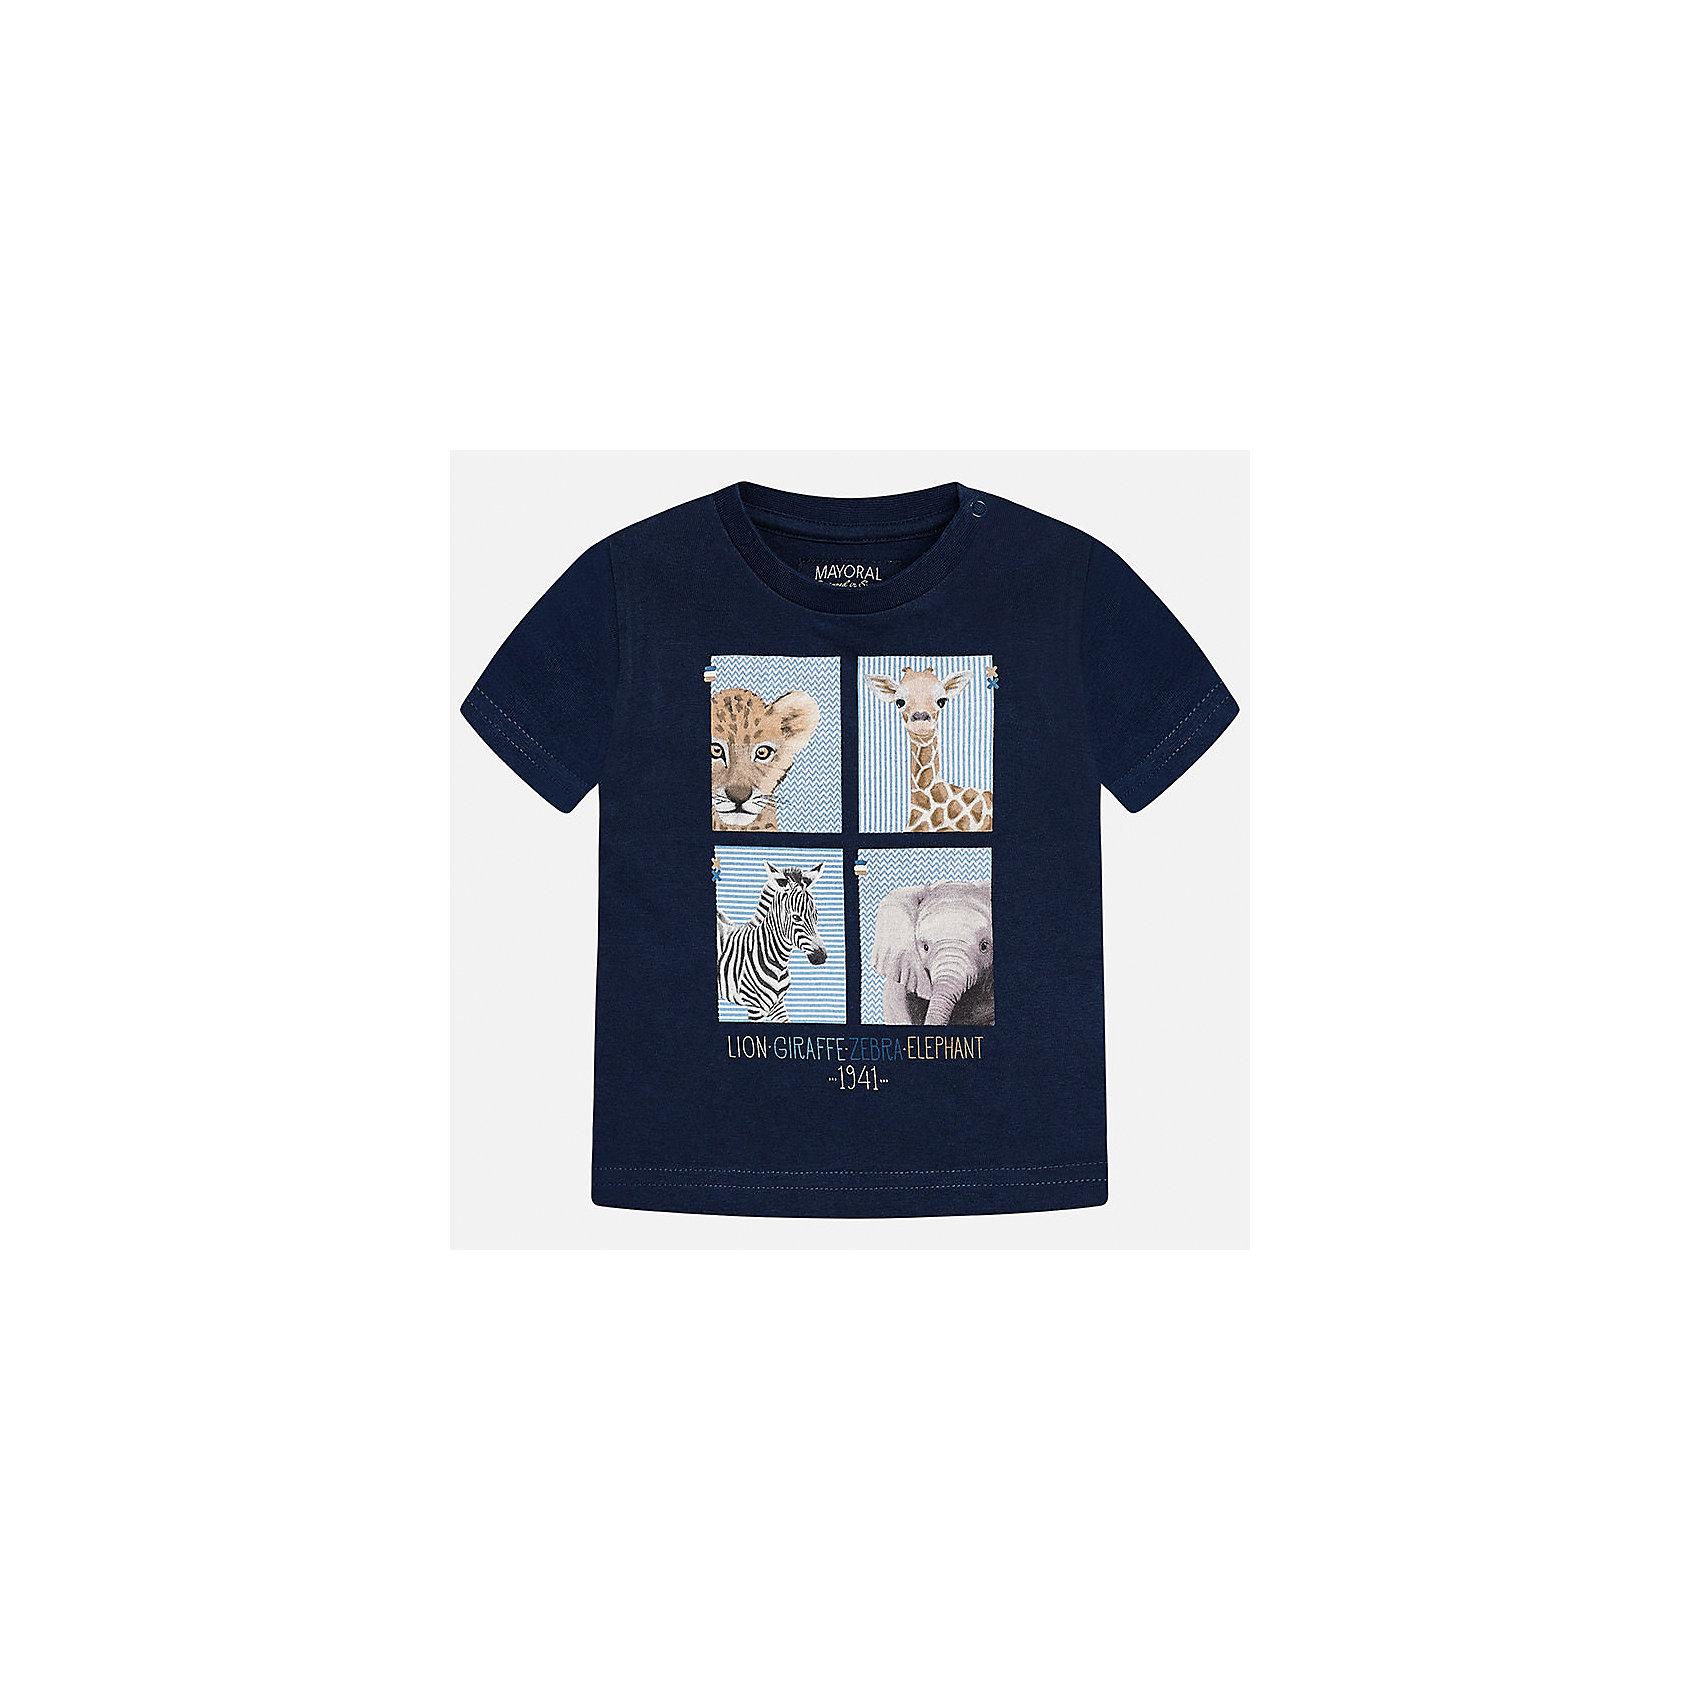 Футболка для мальчика MayoralХарактеристики товара:<br><br>• цвет: тёмно-синий<br>• состав: 100% хлопок<br>• круглый горловой вырез<br>• декорирована принтом<br>• короткие рукава<br>• мягкая отделка горловины<br>• страна бренда: Испания<br><br>Стильная удобная футболка с принтом поможет разнообразить гардероб мальчика. Она отлично сочетается с брюками, шортами, джинсами. Универсальный крой и цвет позволяет подобрать к вещи низ разных расцветок. Практичное и стильное изделие! Хорошо смотрится и комфортно сидит на детях. В составе материала - натуральный хлопок, гипоаллергенный, приятный на ощупь, дышащий. <br><br>Одежда, обувь и аксессуары от испанского бренда Mayoral полюбились детям и взрослым по всему миру. Модели этой марки - стильные и удобные. Для их производства используются только безопасные, качественные материалы и фурнитура. Порадуйте ребенка модными и красивыми вещами от Mayoral! <br><br>Футболку для мальчика от испанского бренда Mayoral (Майорал) можно купить в нашем интернет-магазине.<br><br>Ширина мм: 199<br>Глубина мм: 10<br>Высота мм: 161<br>Вес г: 151<br>Цвет: синий<br>Возраст от месяцев: 12<br>Возраст до месяцев: 15<br>Пол: Мужской<br>Возраст: Детский<br>Размер: 80,92,86<br>SKU: 5278433